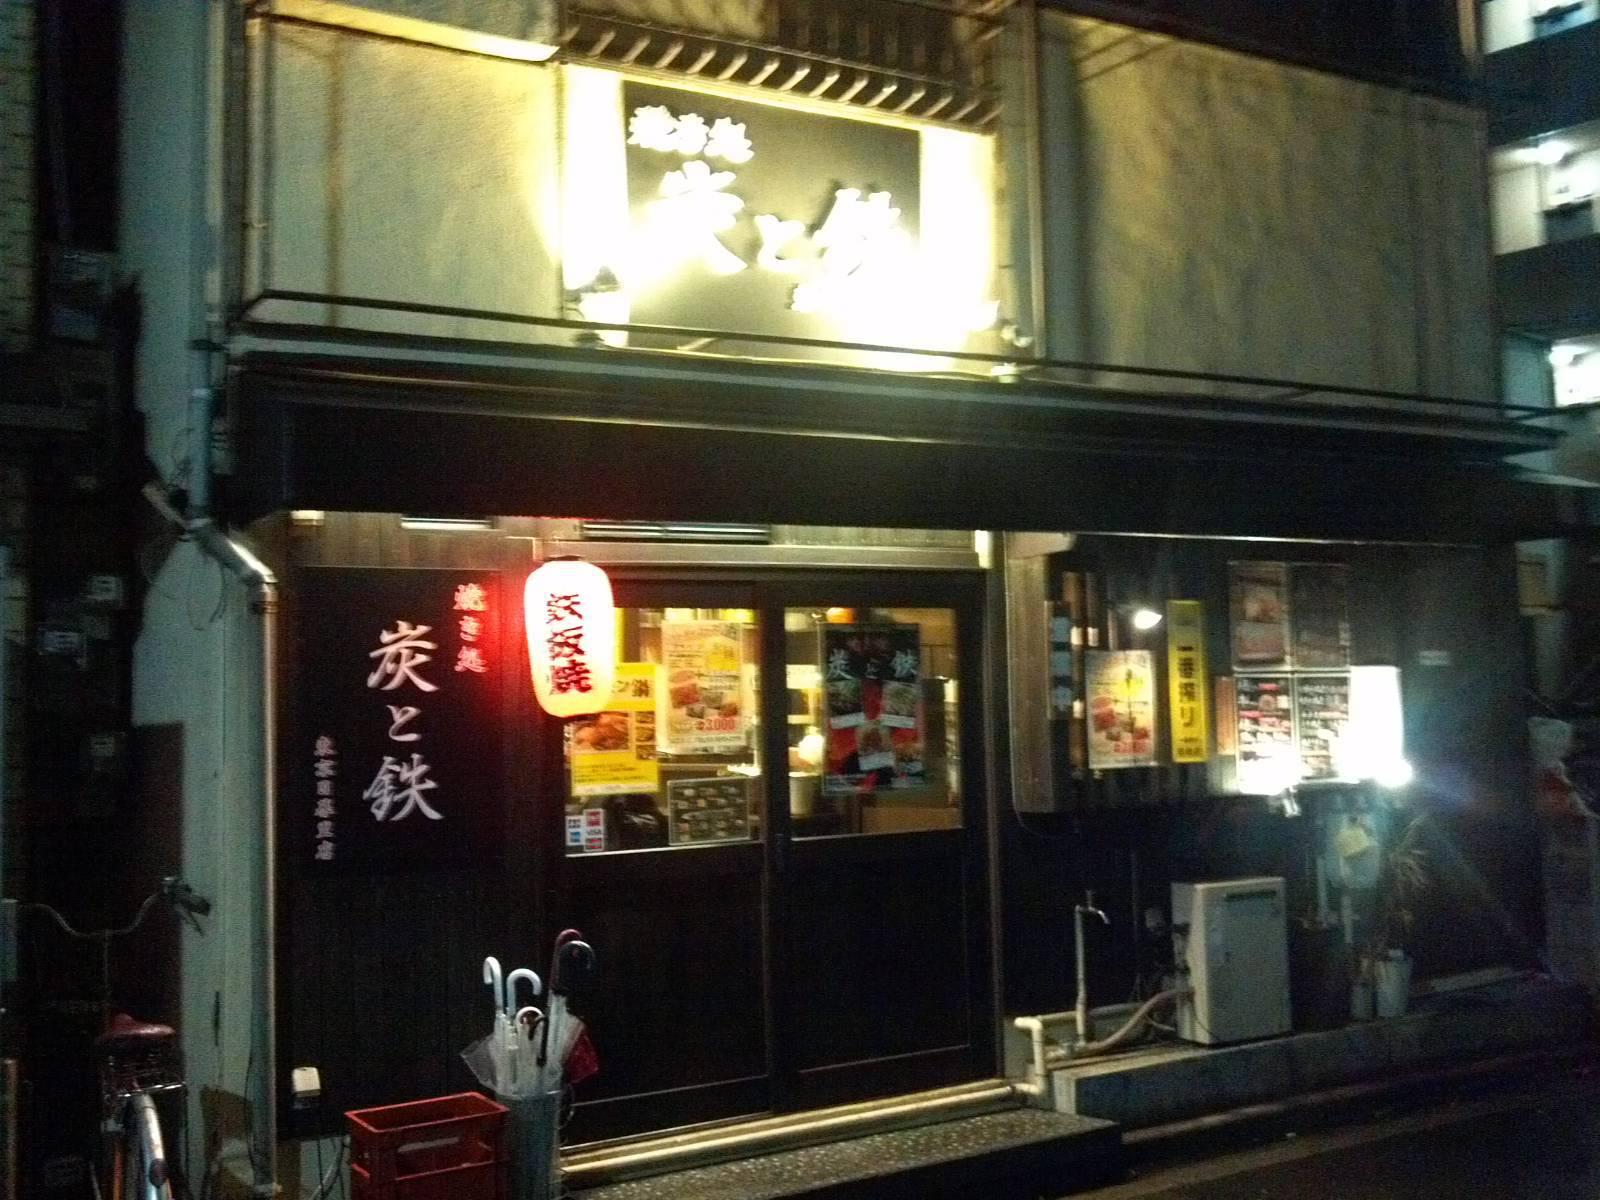 炭と鉄 東京日暮里店